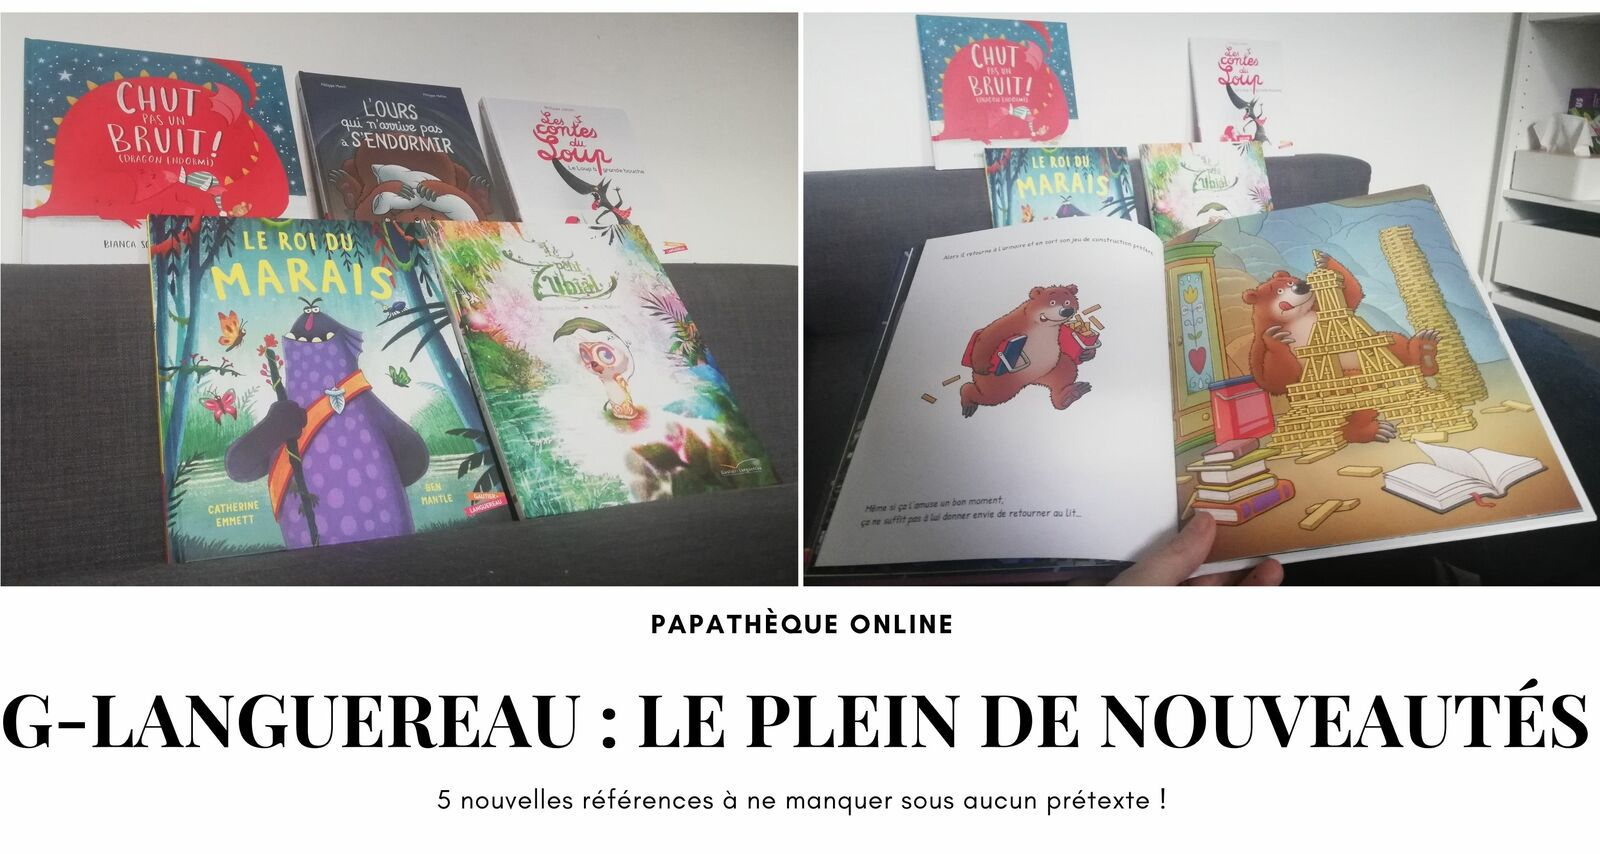 [Papathèque] De beau, du neuf dans la #Papathèque avec les éditions Gautier-Languereau